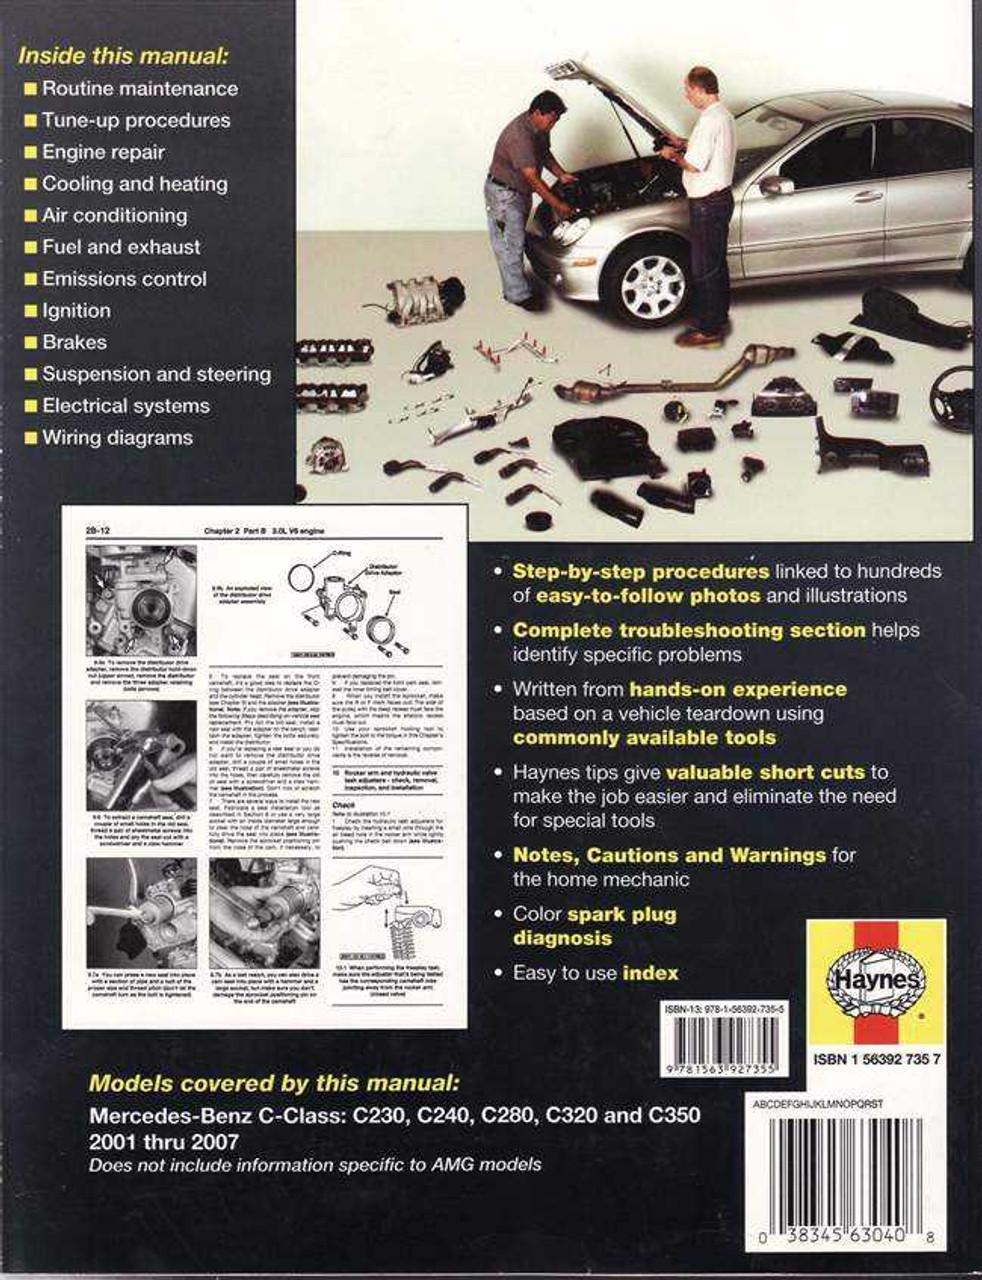 Mercedes - Benz C-Class C230, C240, C280, C320, C350 2001 - 2007 Workshop  Manual